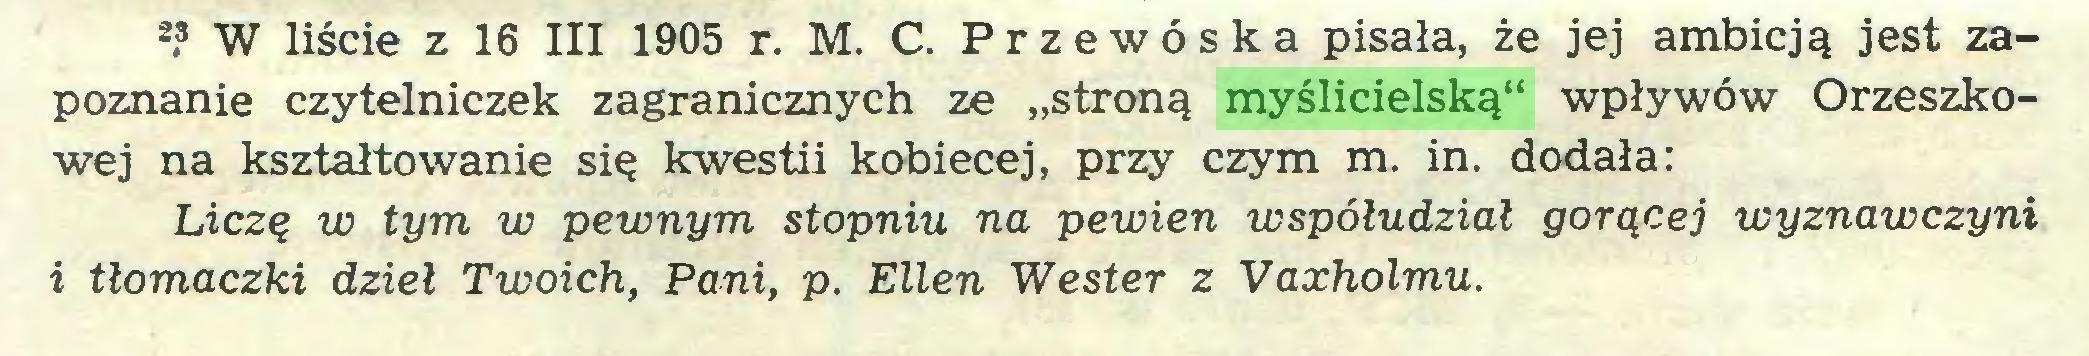 """(...) 2? W liście z 16 III 1905 r. M. C. Przewóska pisała, że jej ambicją jest zapoznanie czytelniczek zagranicznych ze """"stroną myślicielską"""" wpływów Orzeszkowej na kształtowanie się kwestii kobiecej, przy czym m. in. dodała: Liczę w tym w pewnym stopniu na pewien współudział gorącej wyznawczyni i tłomaczki dzieł Twoich, Pani, p. Ellen Wester z Vaxholmu..."""